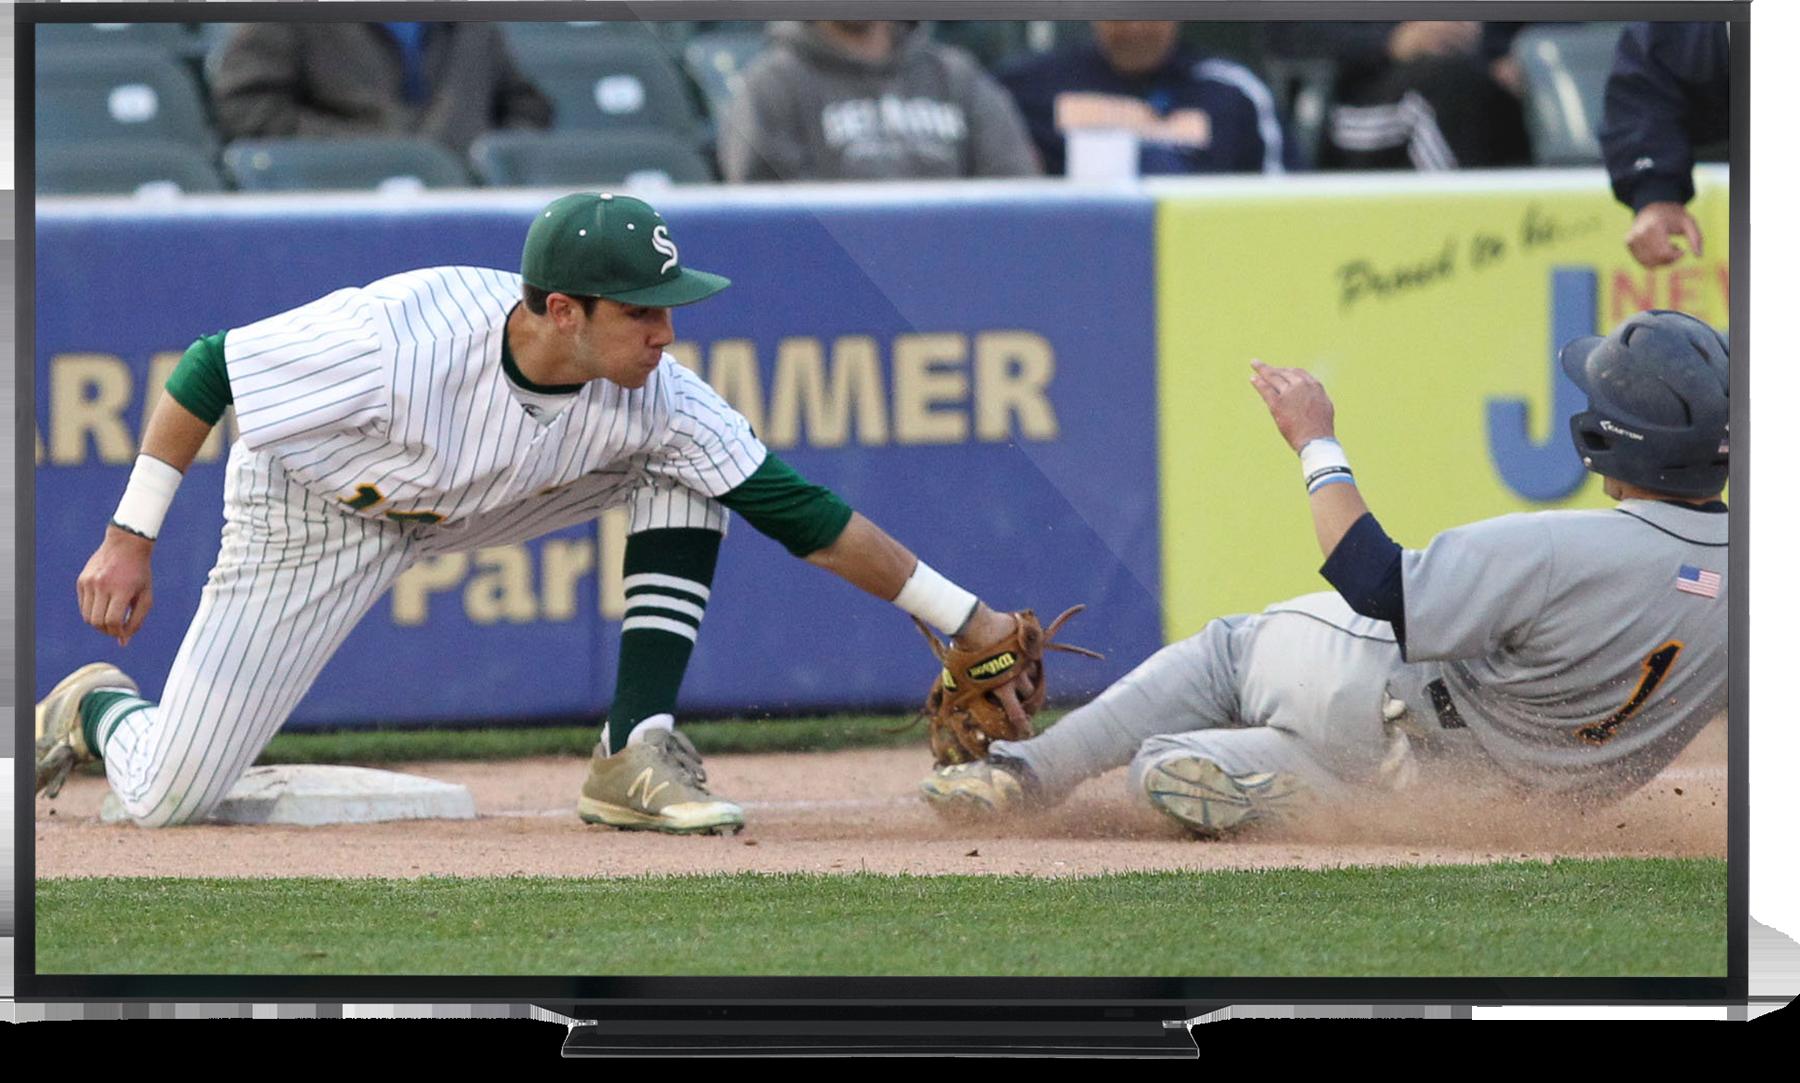 Watch Steinert High School baseball live on WBCB Sports